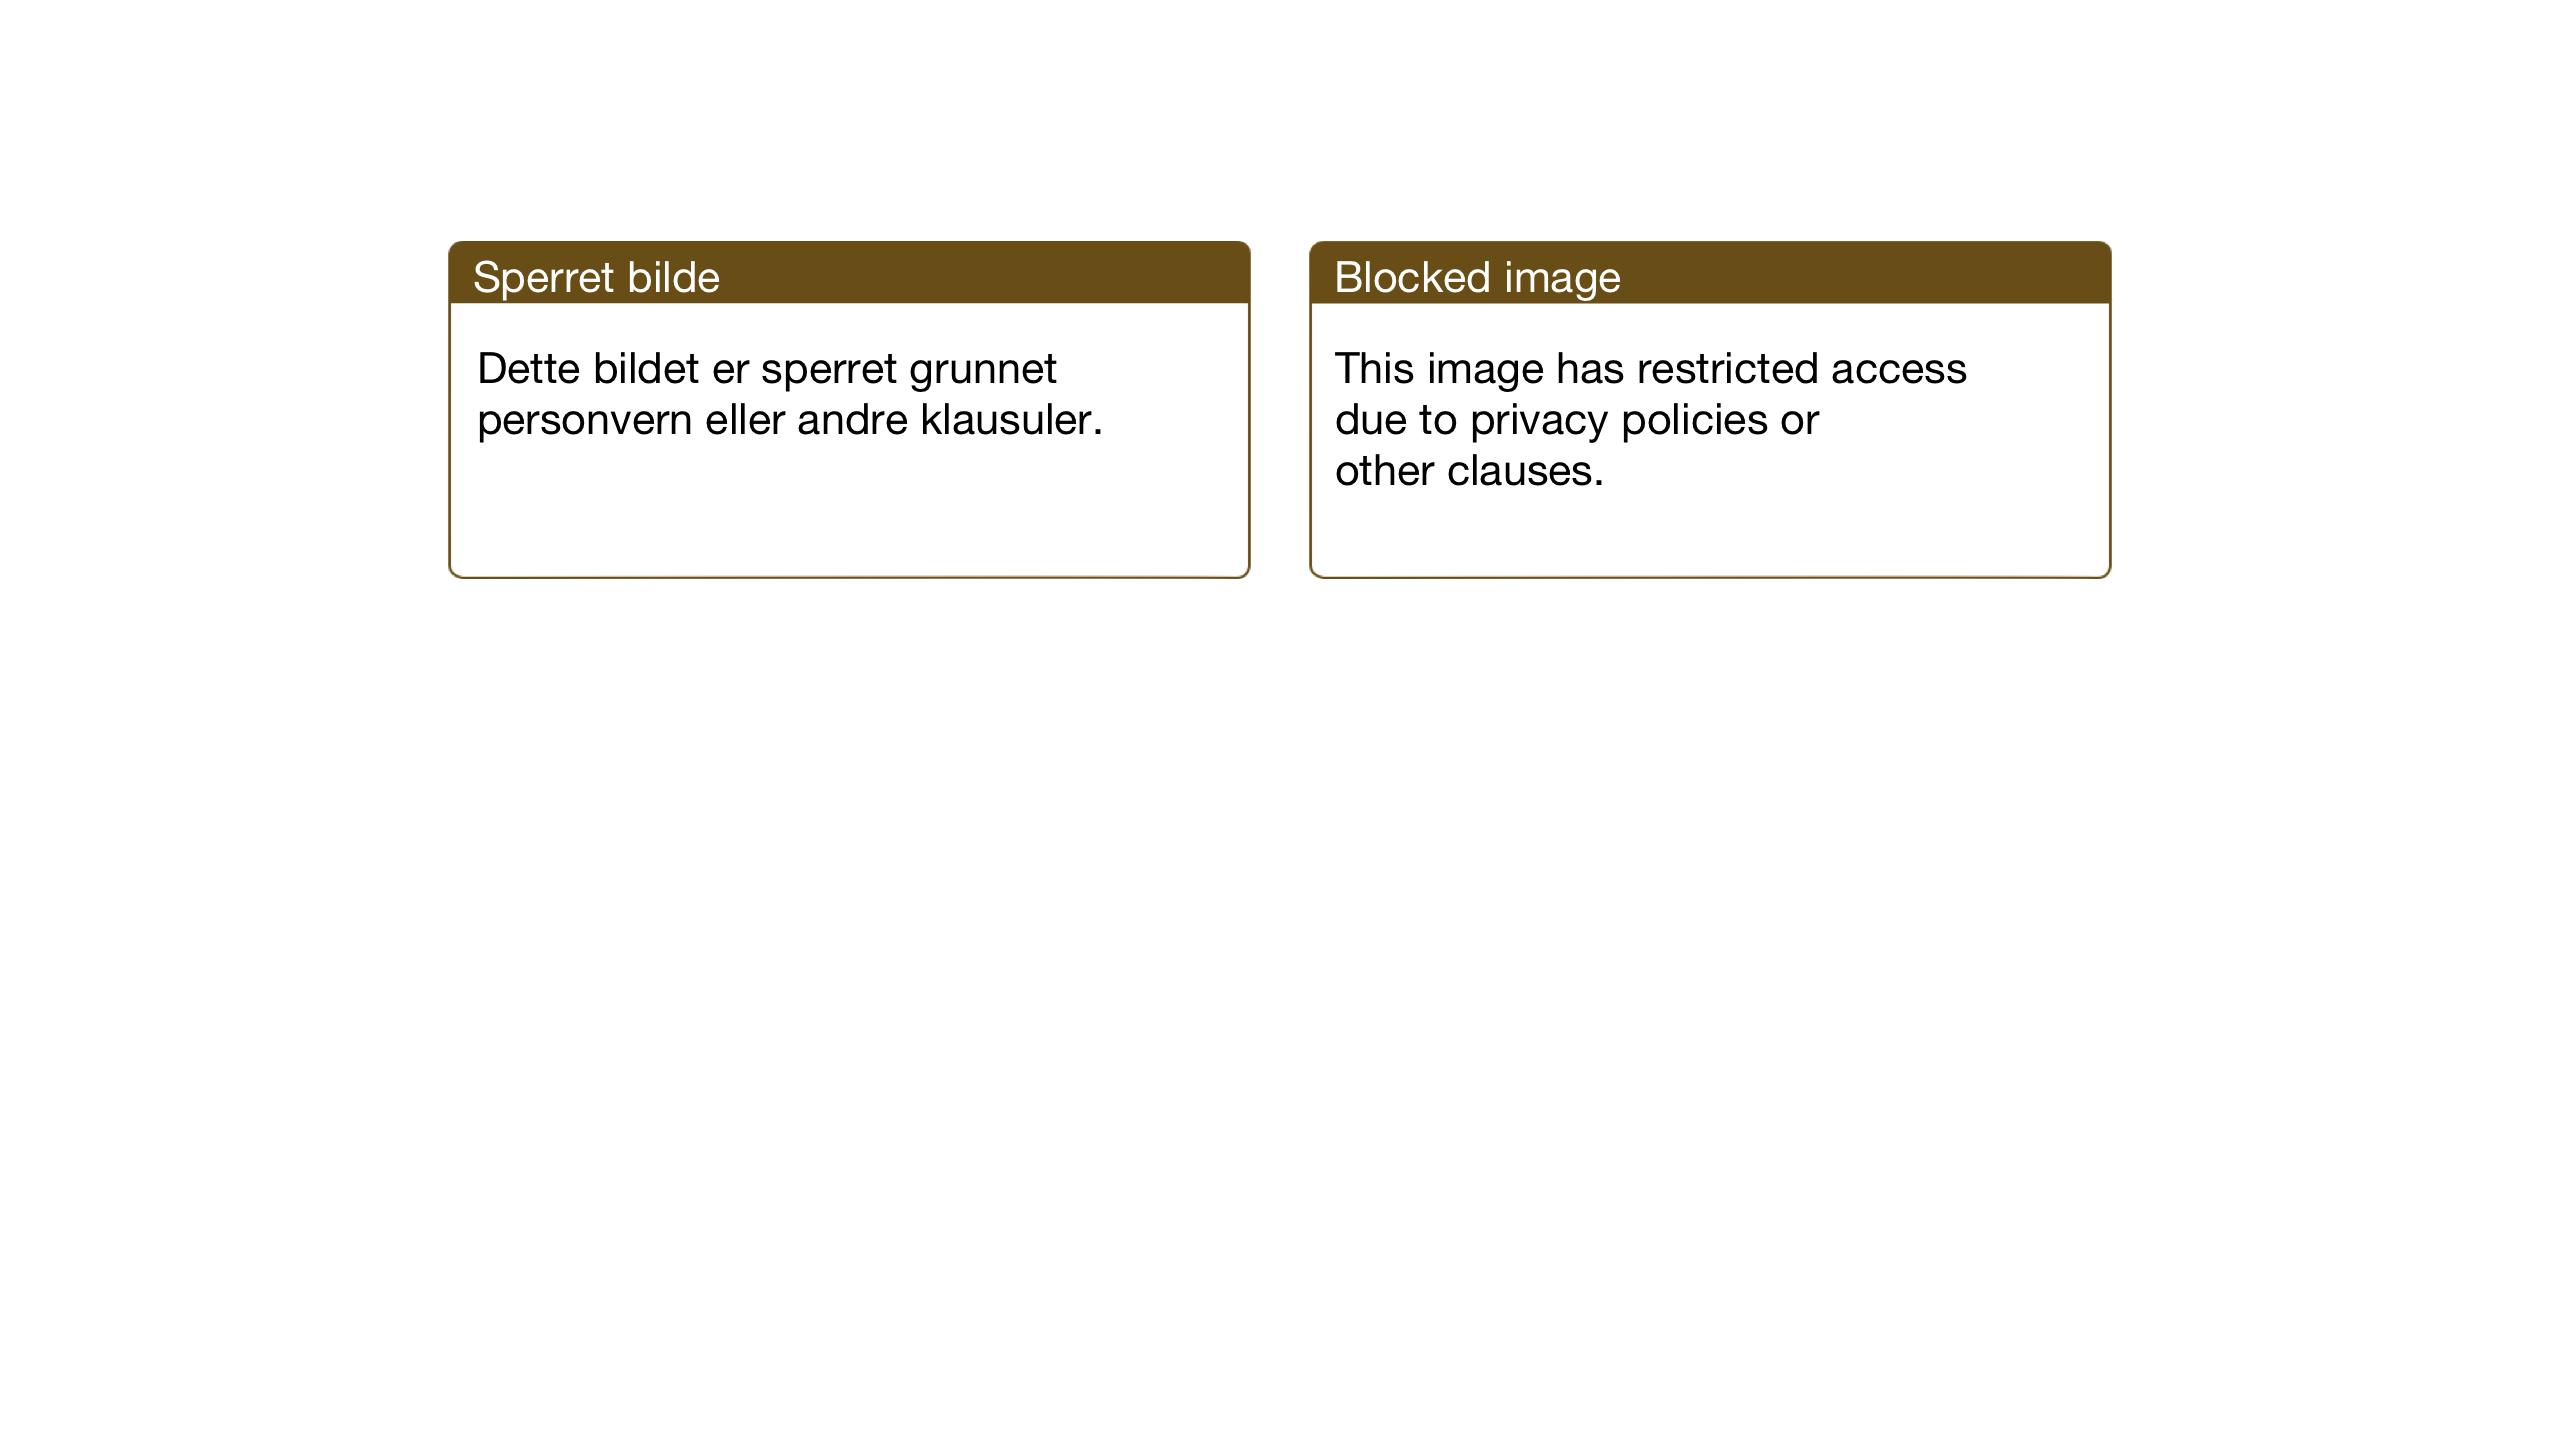 SAT, Ministerialprotokoller, klokkerbøker og fødselsregistre - Nord-Trøndelag, 709/L0089: Klokkerbok nr. 709C03, 1935-1948, s. 242